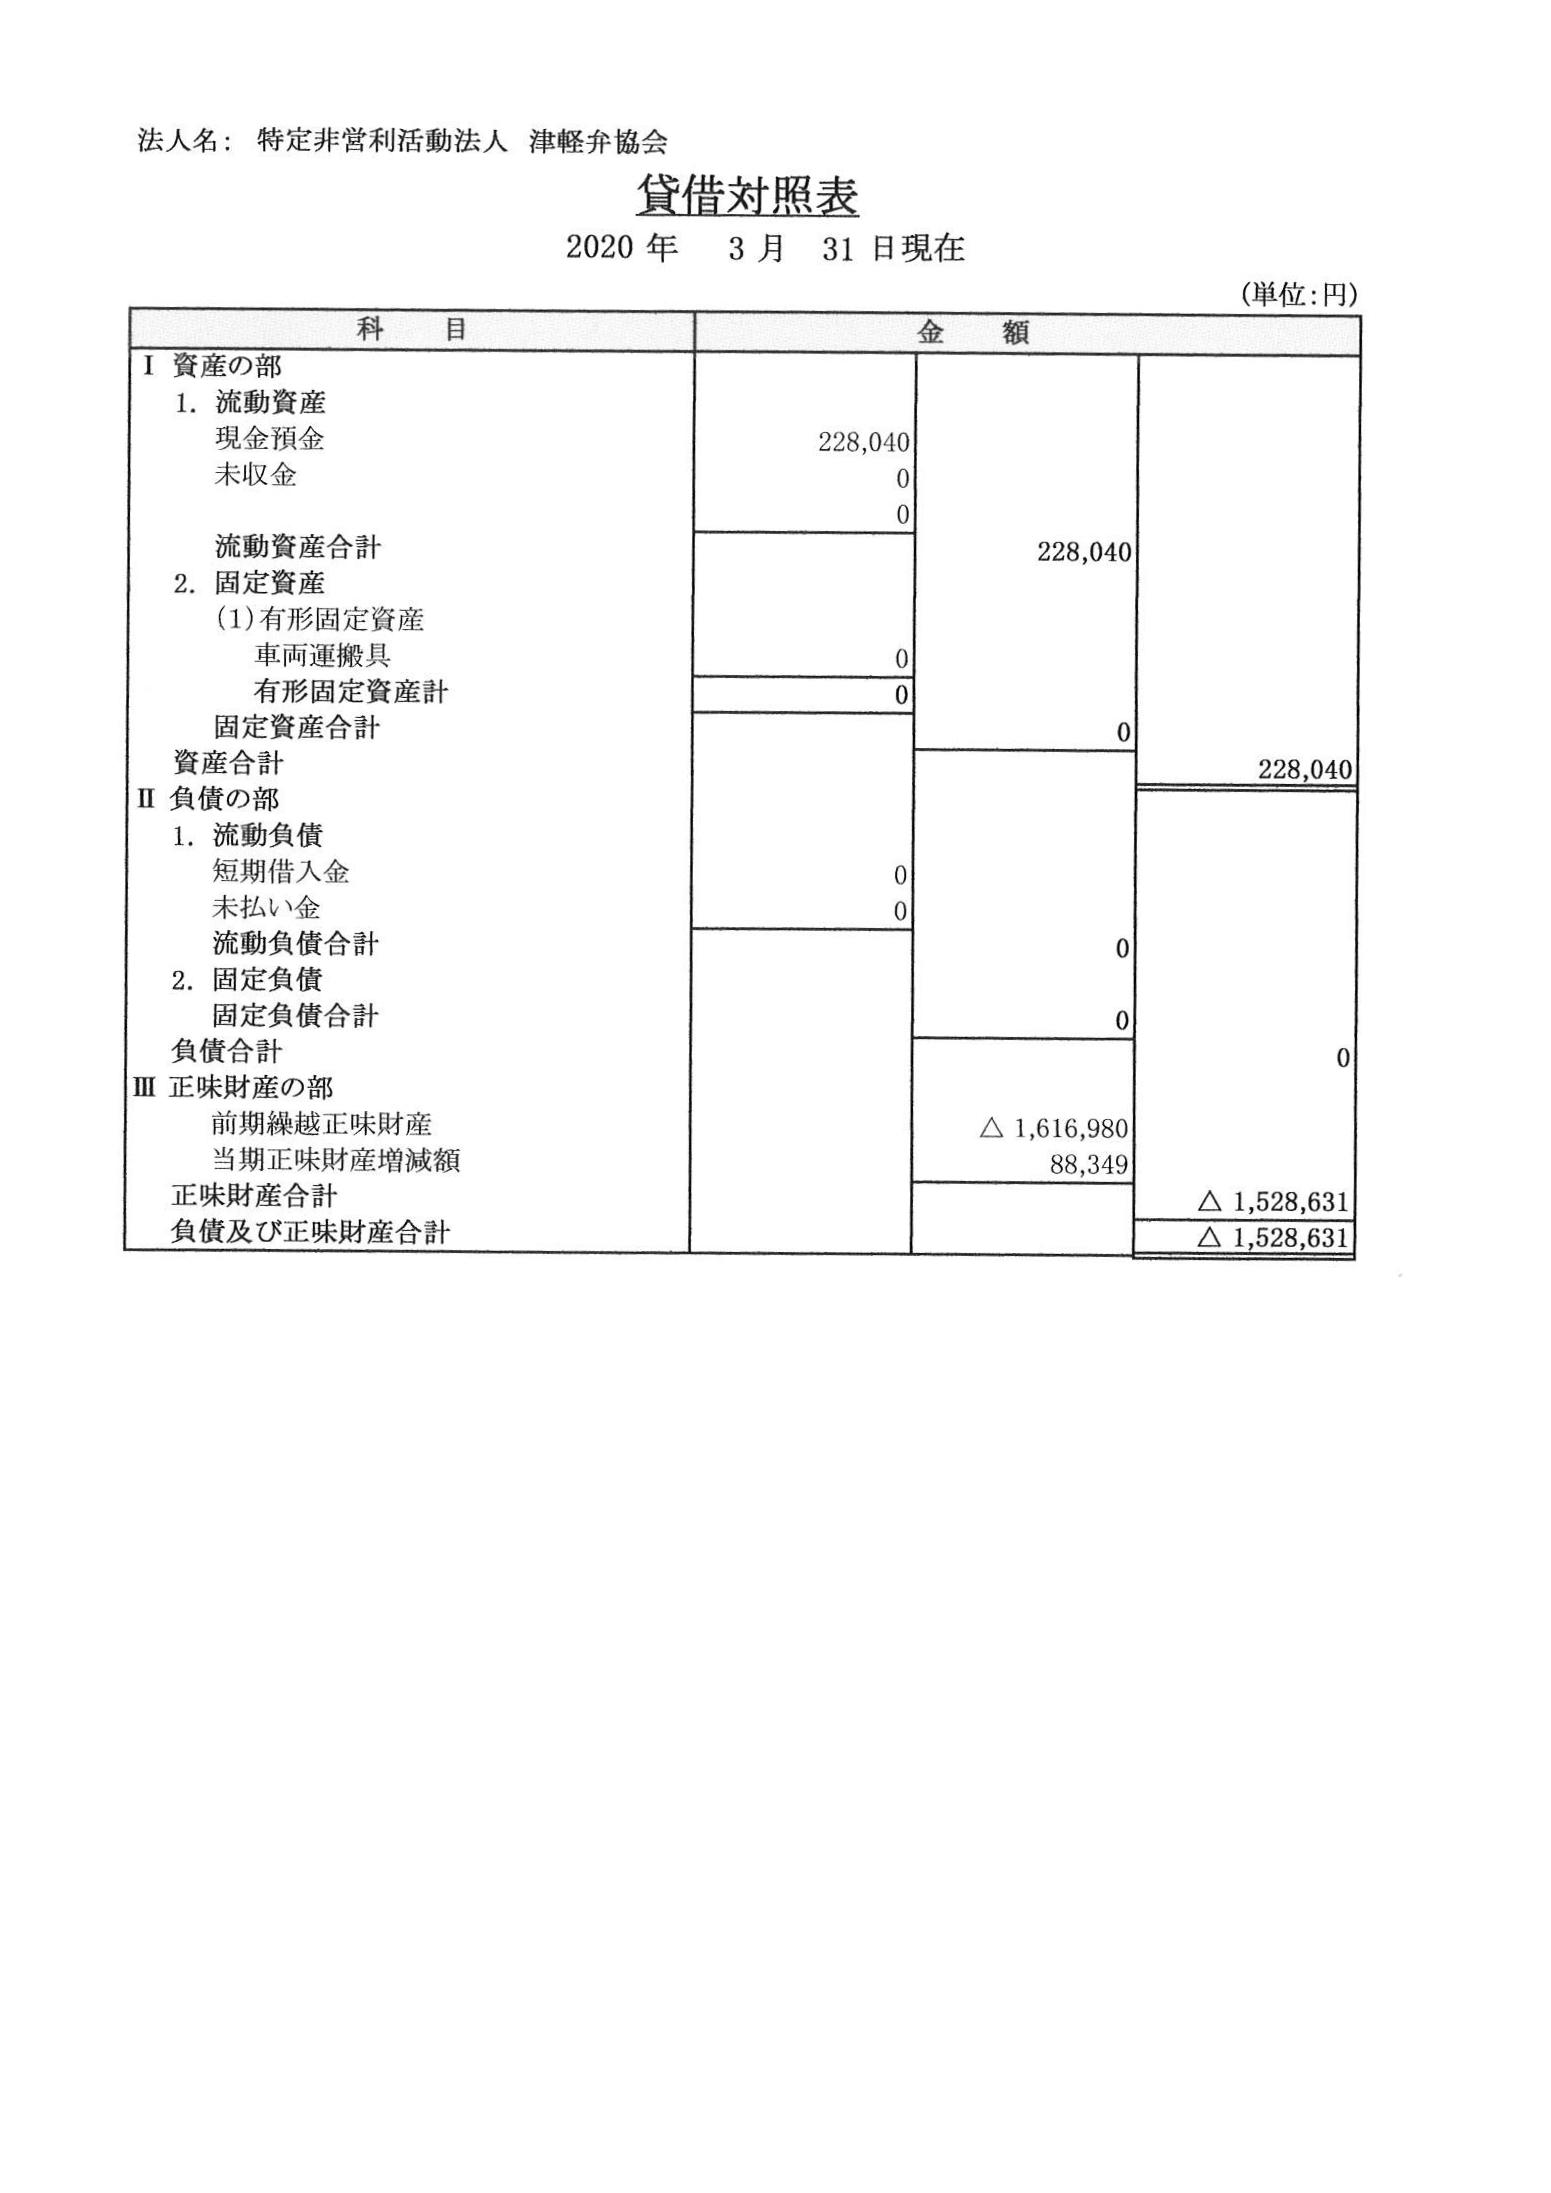 2019年(平成31年)度貸借対照表